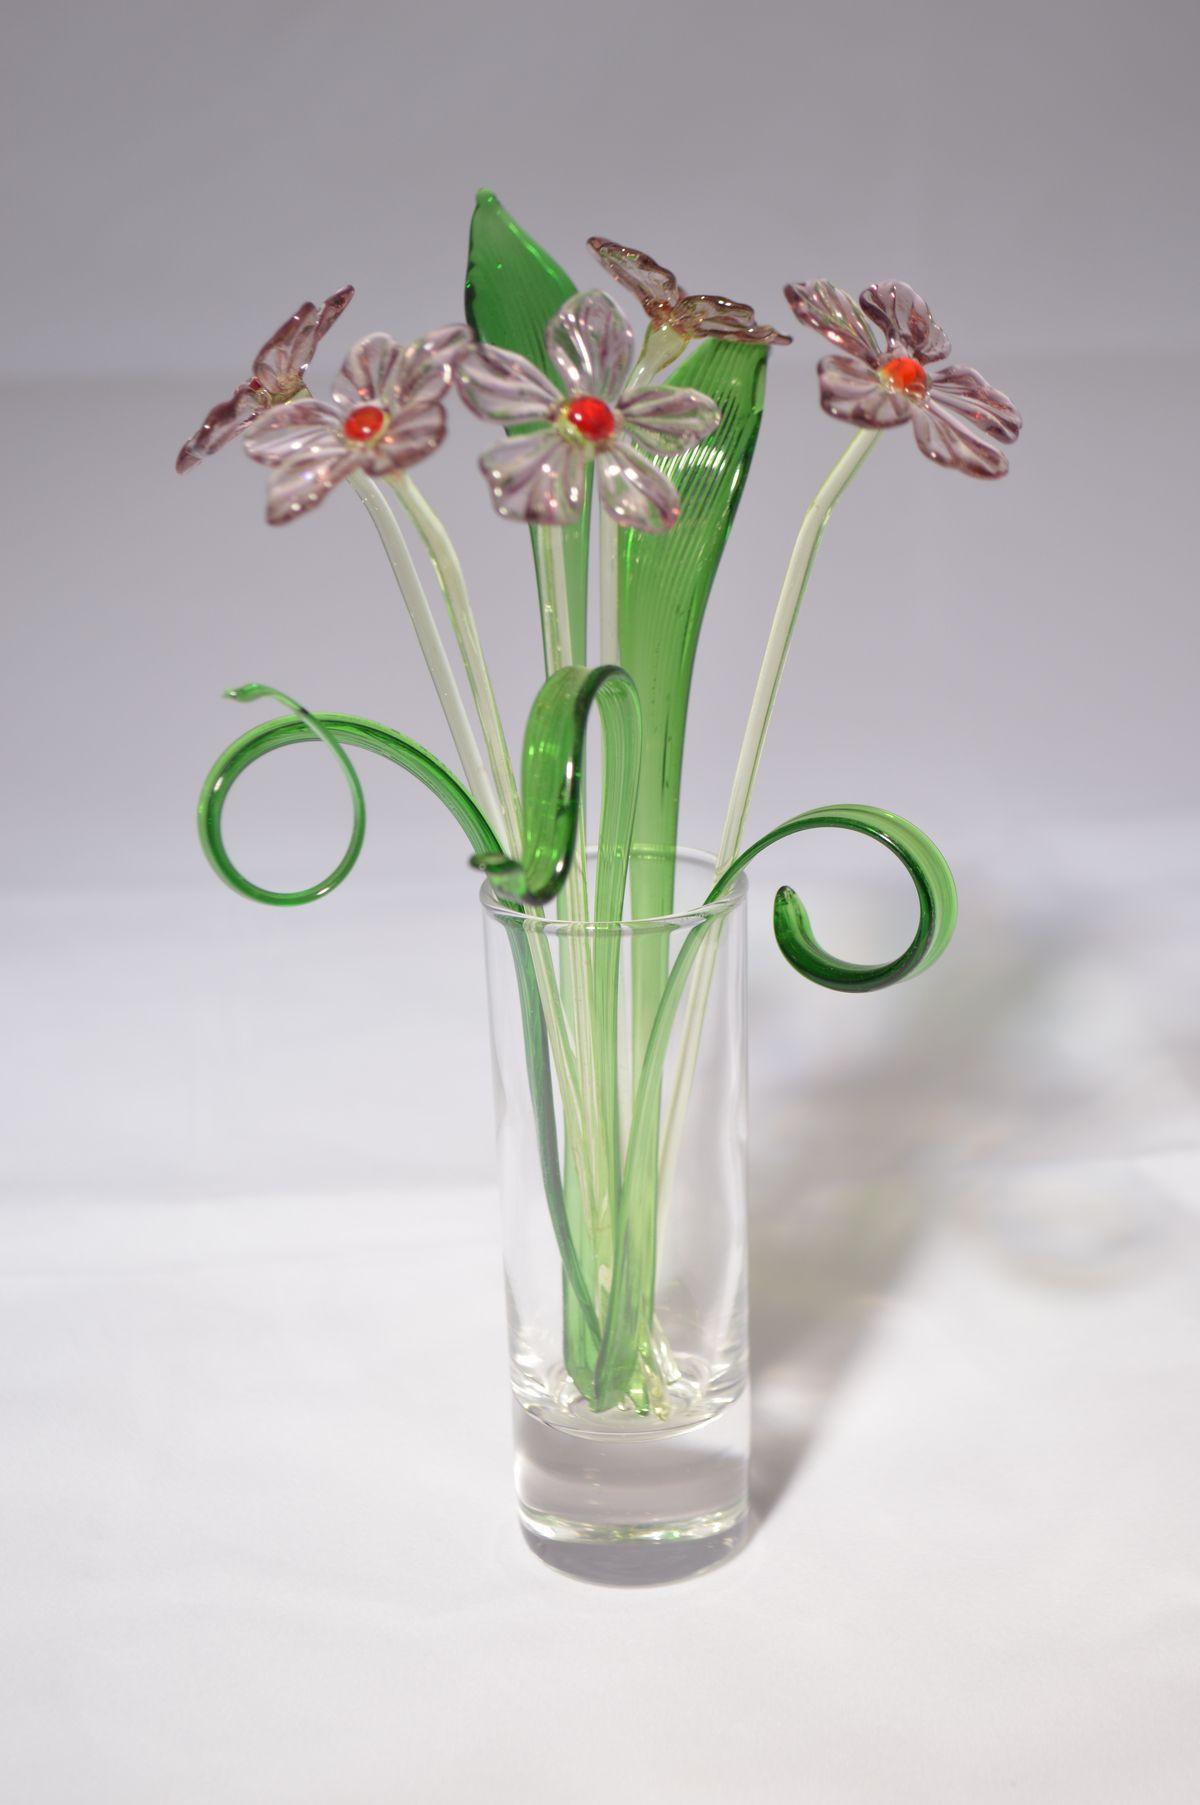 Букет из пяти сиреневых цветков в вазочке, цветное стекло от Ravta